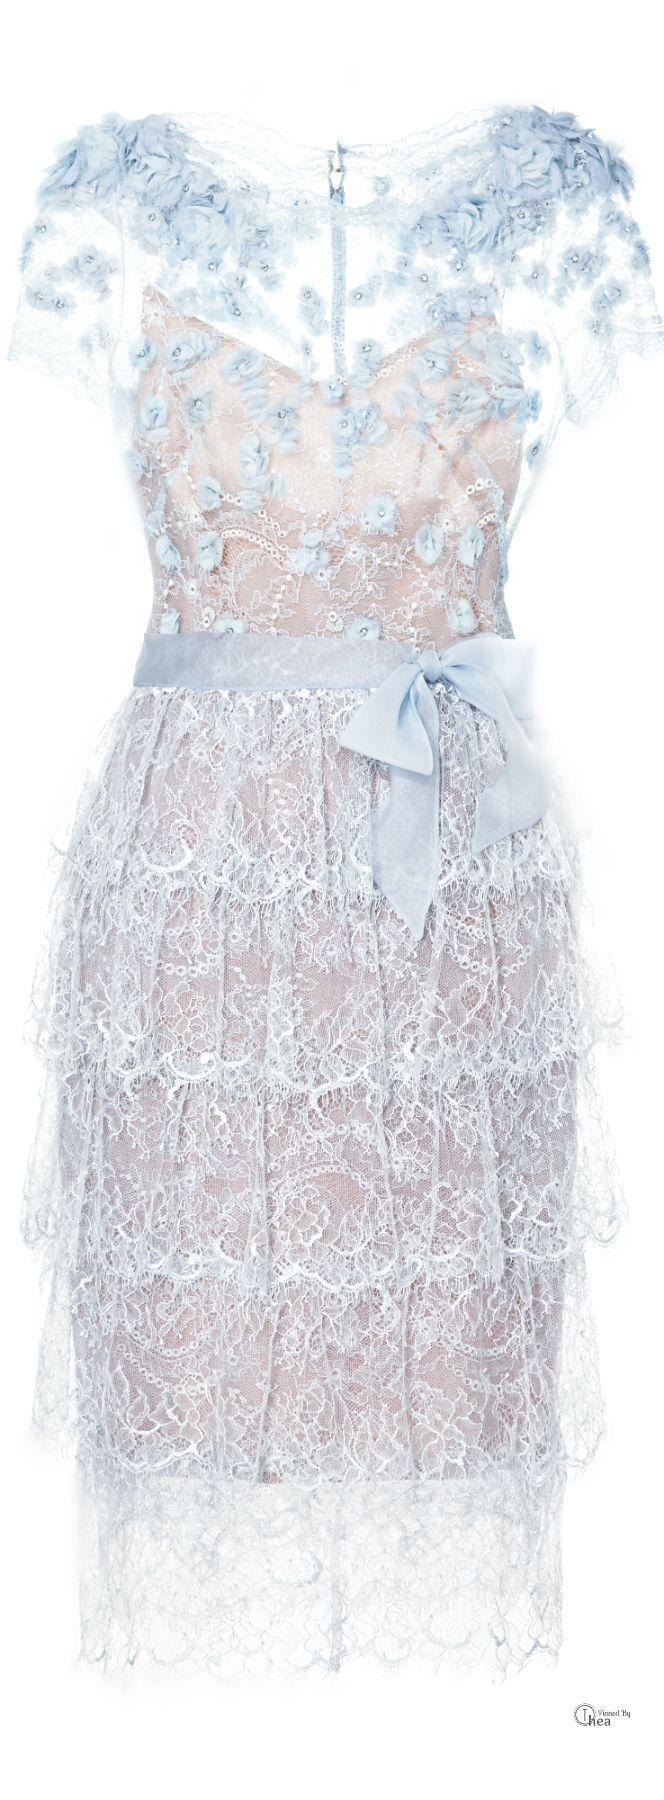 (via Marchesa ● Lace Cocktail Dress   ❤  ❤